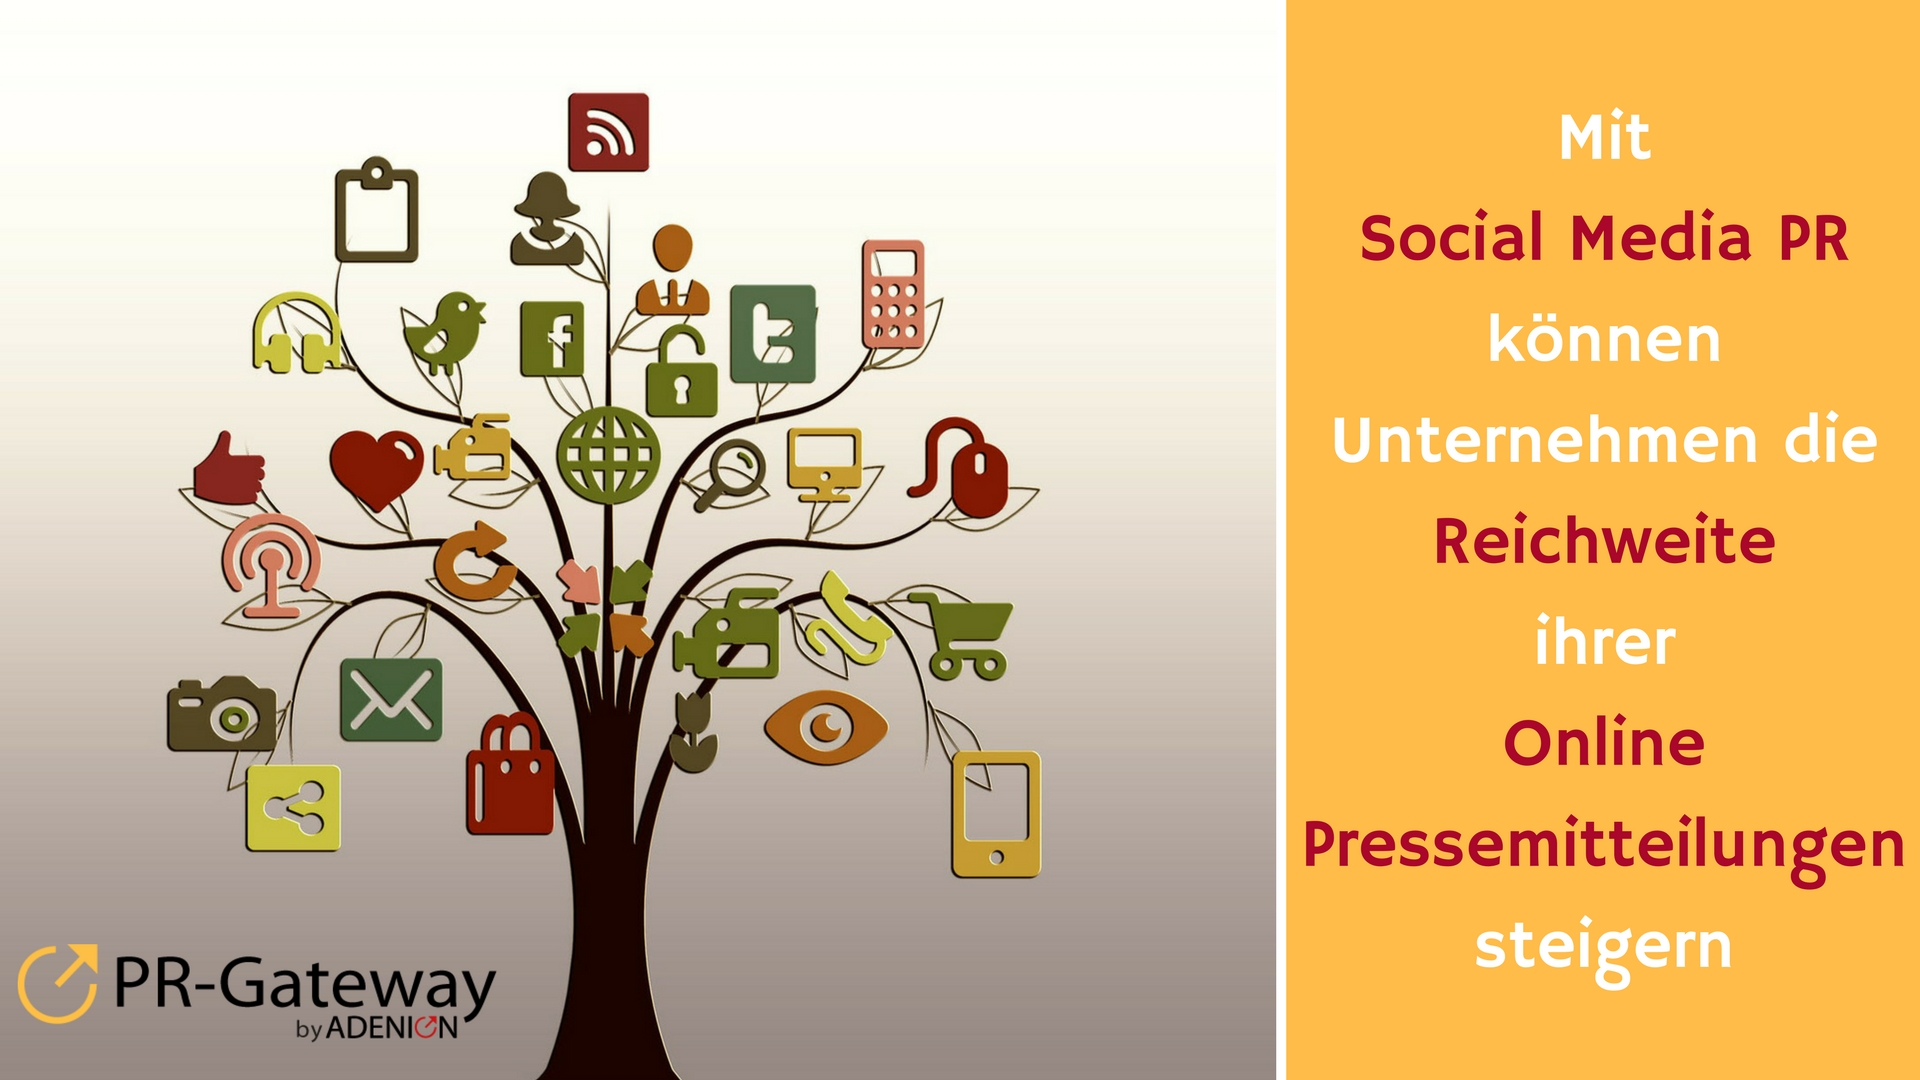 Mit Social Media PR können Unternehmen die Reichweite ihrer Online-Pressemitteilungen steigern